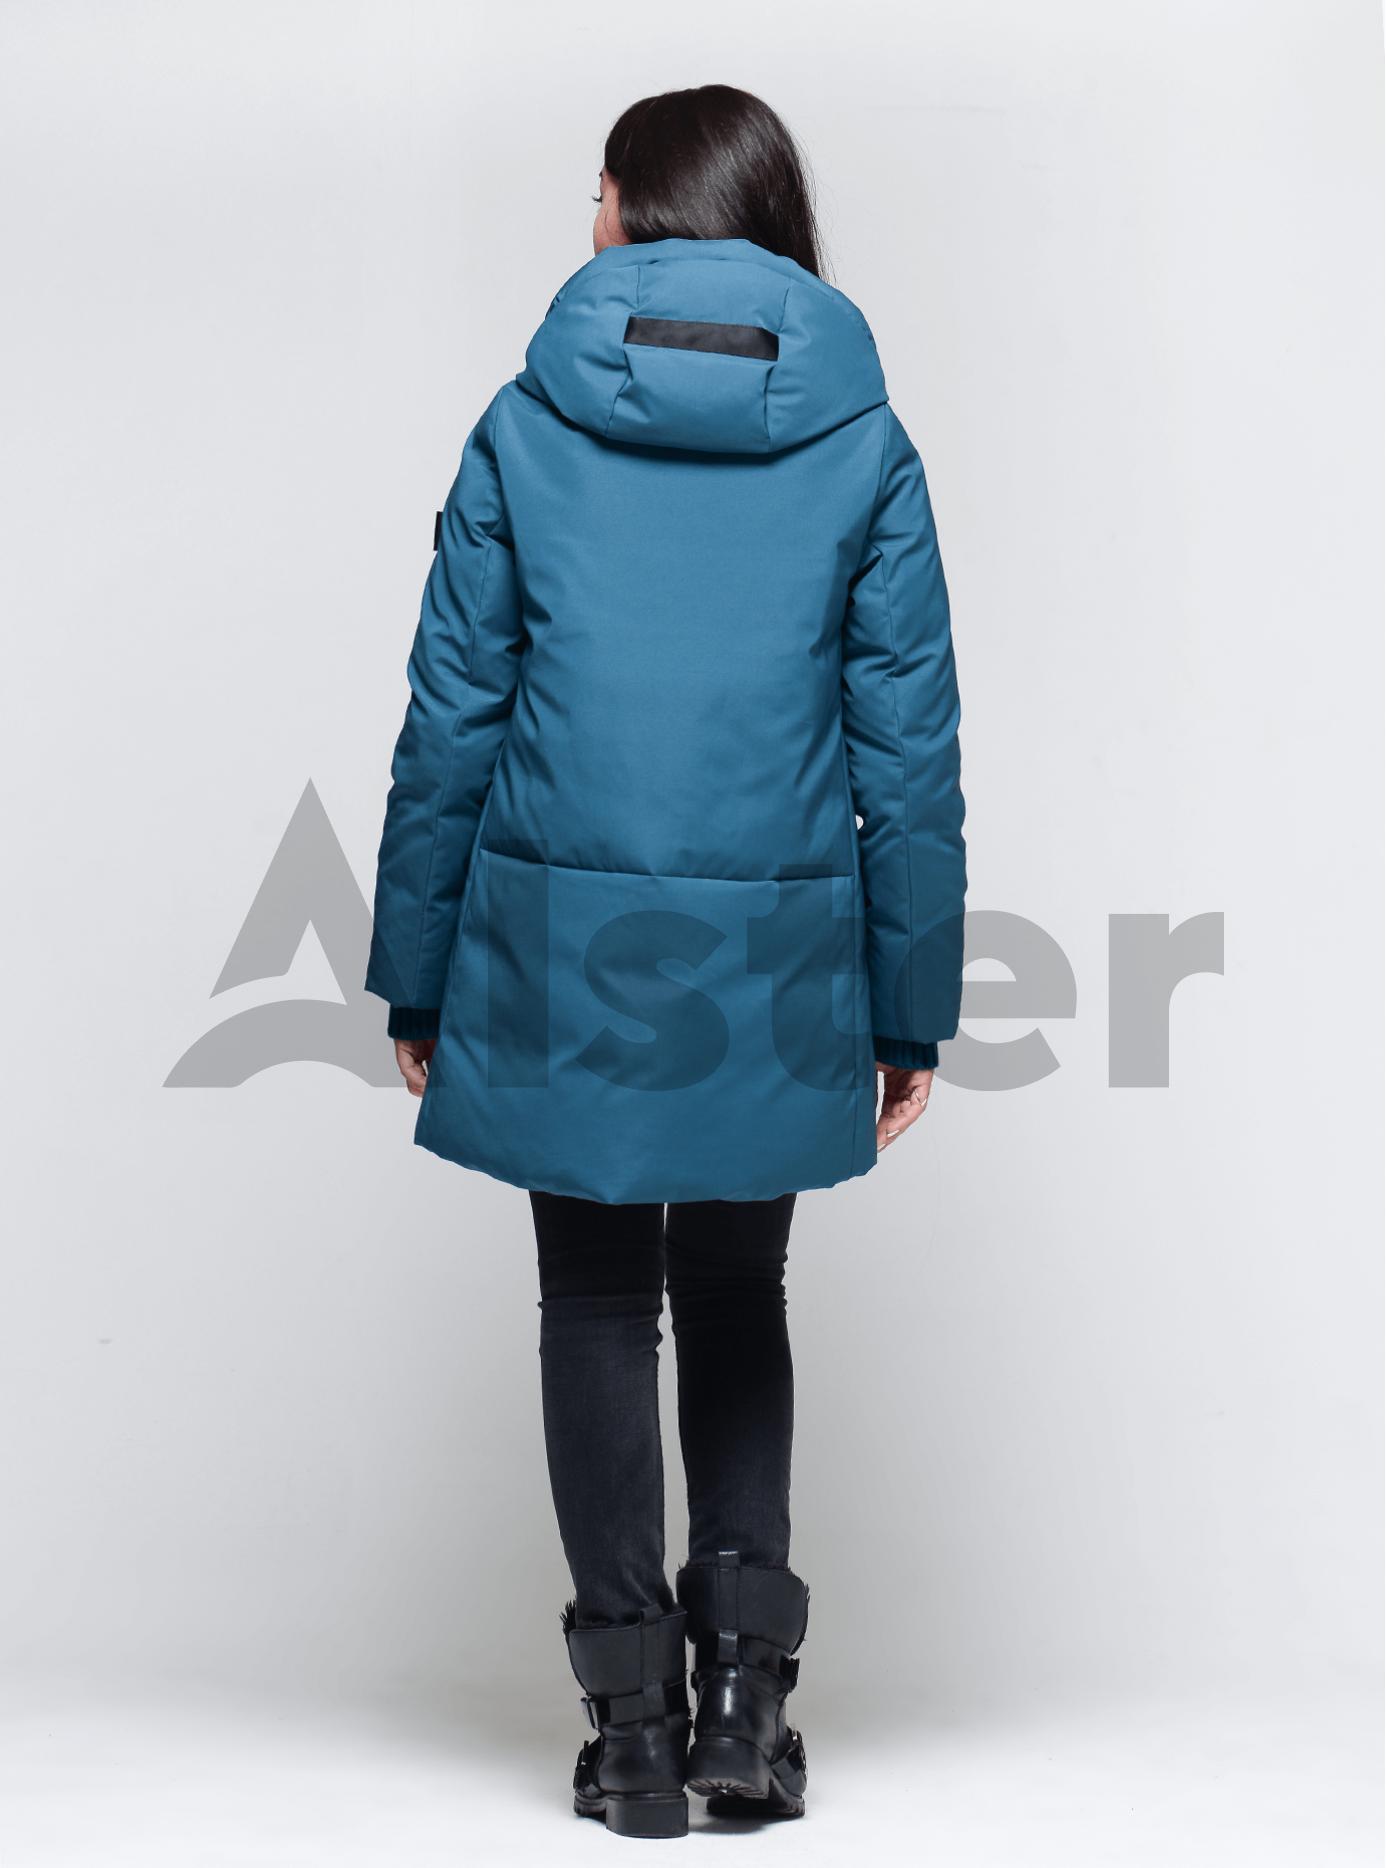 Пуховик женский с натуральным пухом Тёмно-голубой M (02-4664): фото - Alster.ua